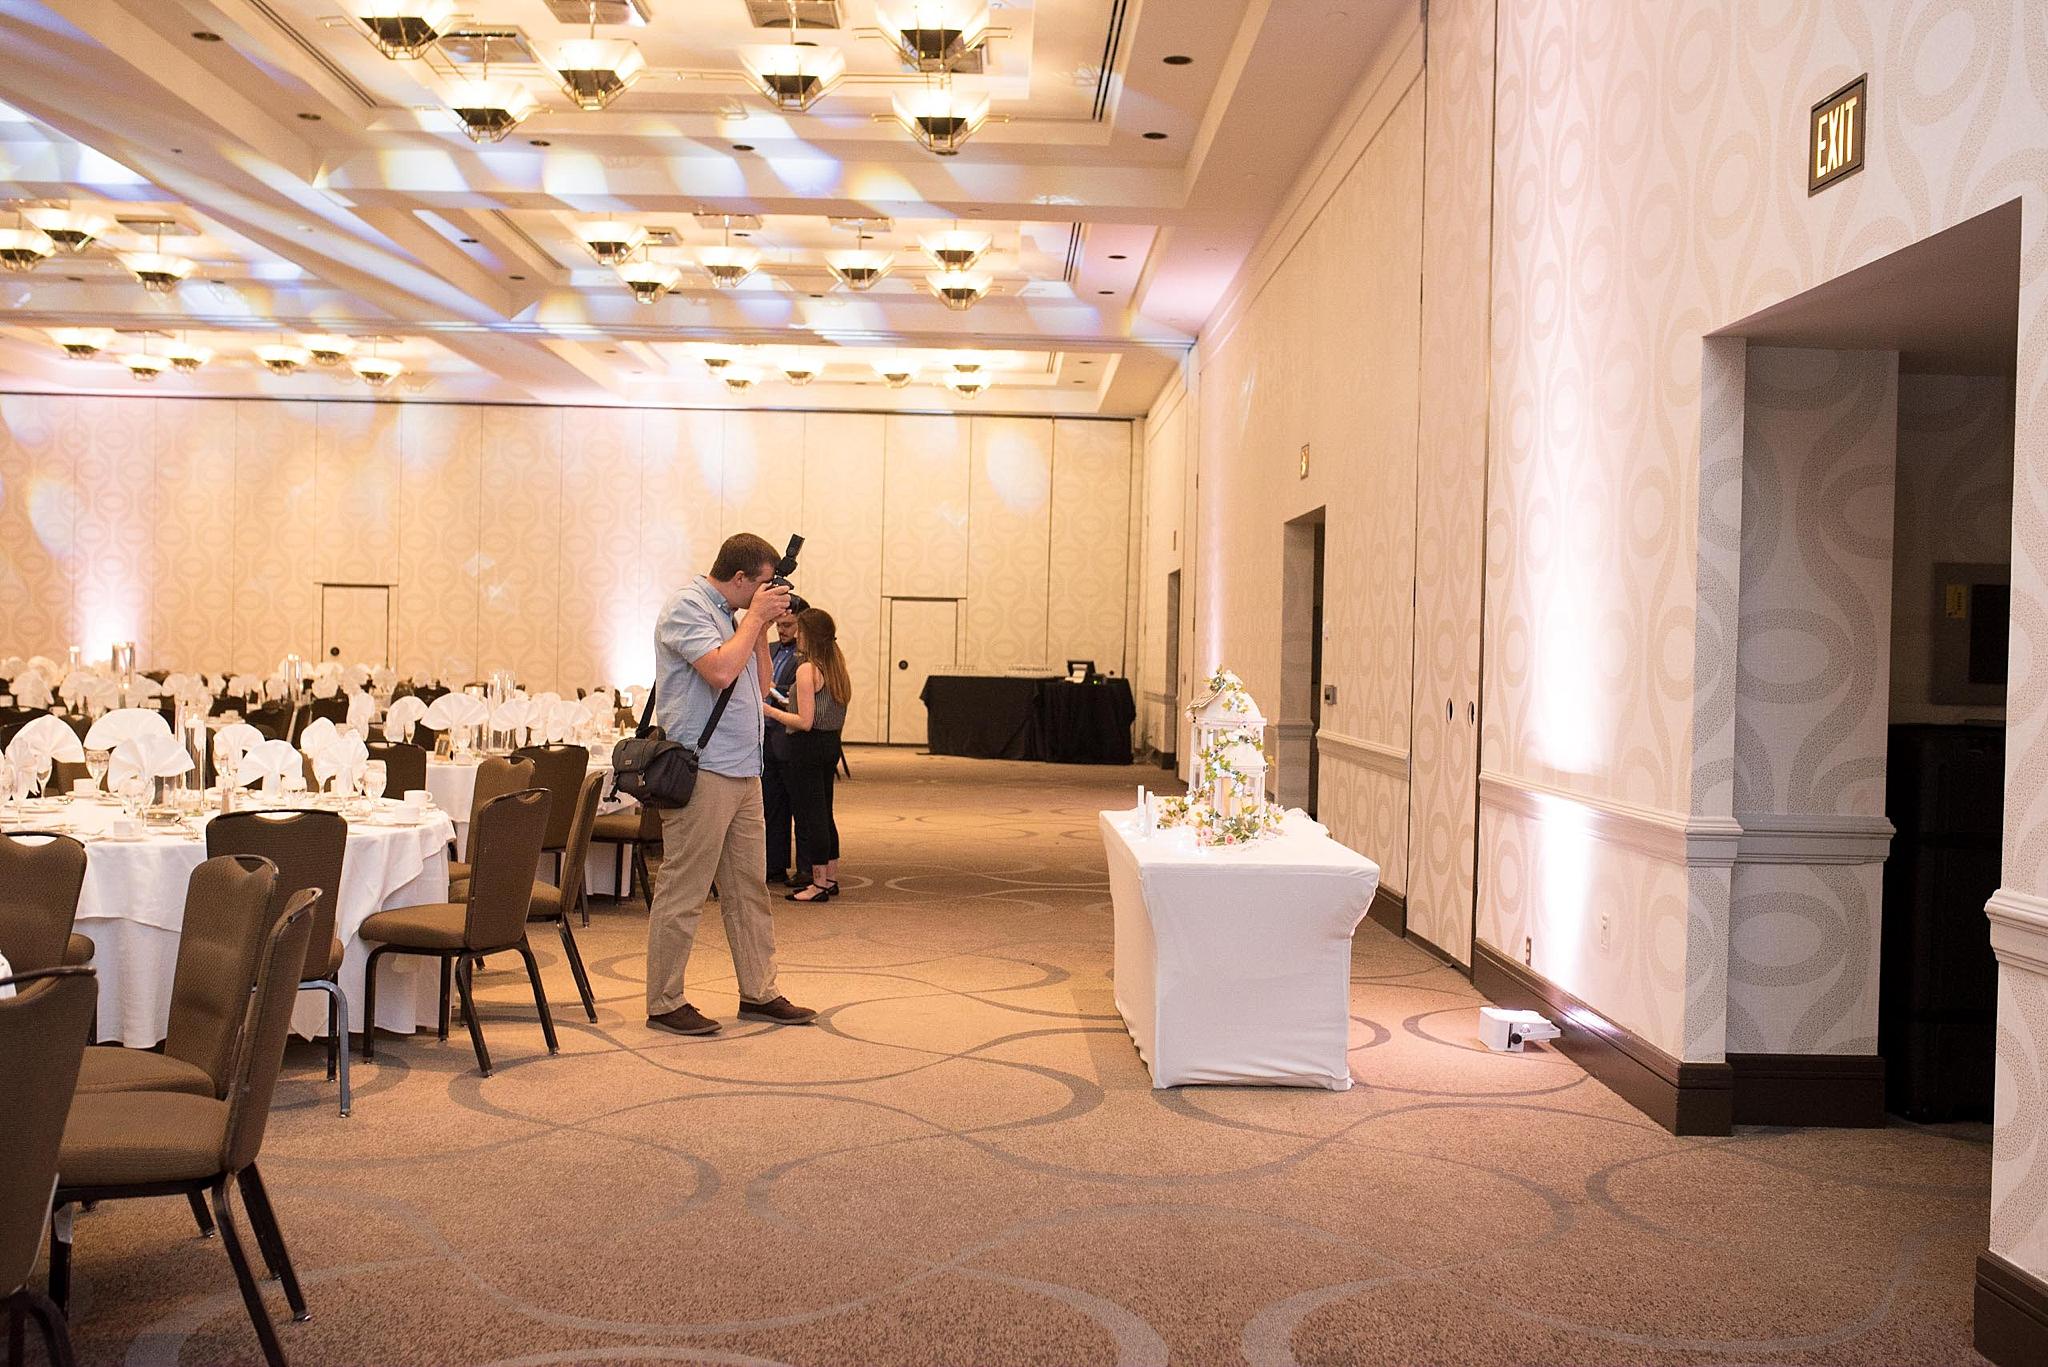 albuquerque wedding photographer hyatt regency downtown tamaya best venue outdoor ceremony behind the scenes kayla kitts summer